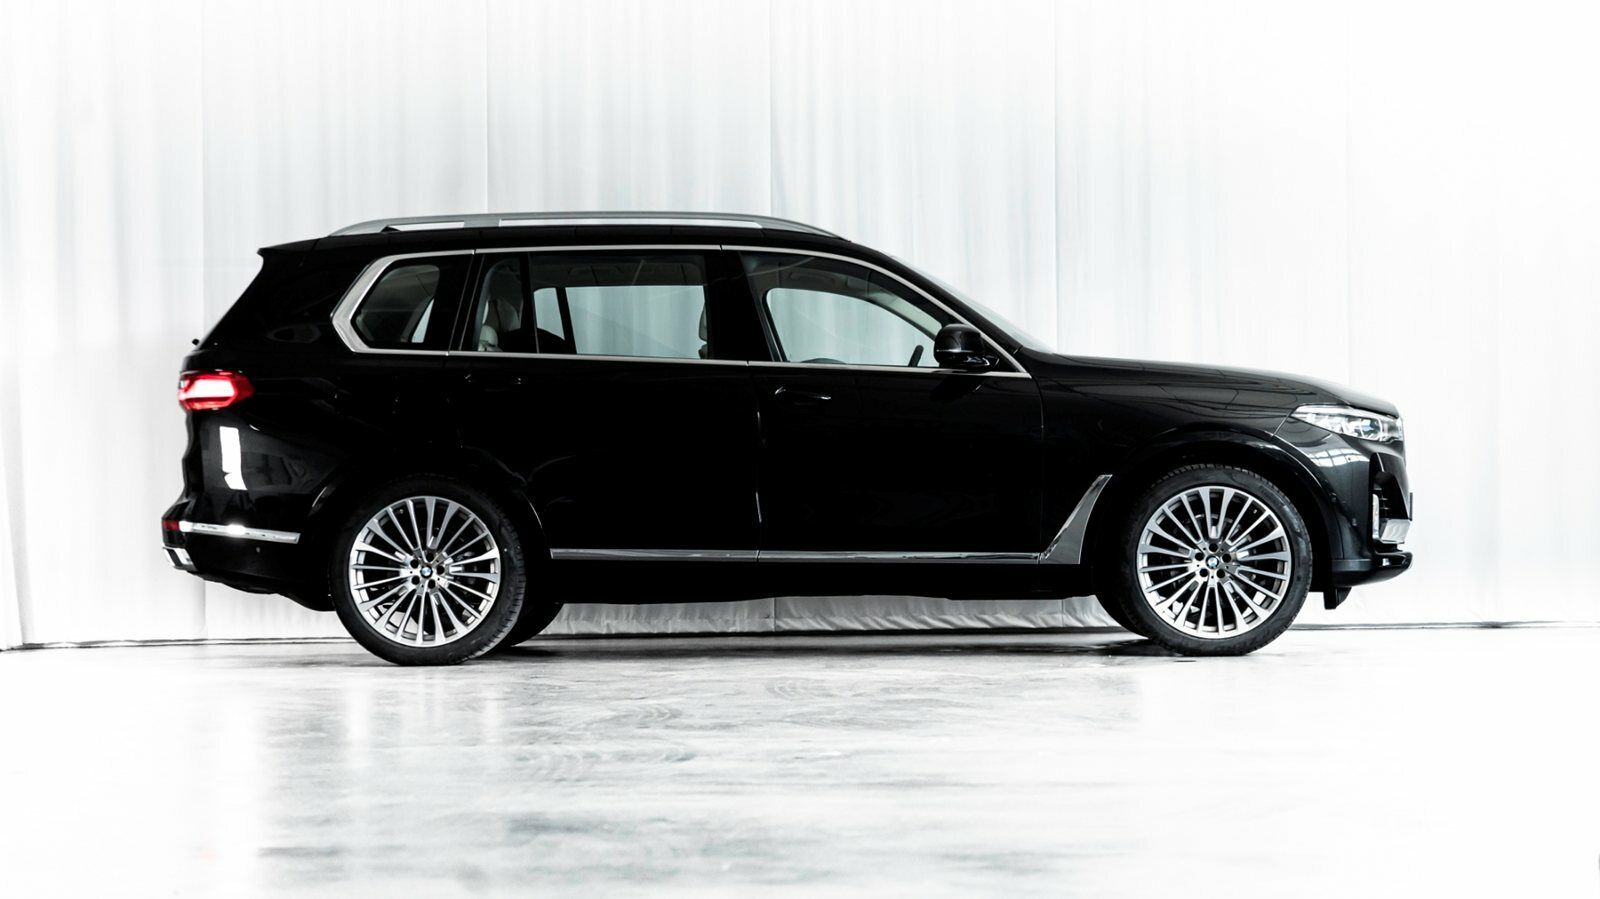 BMW X7 3,0 xDrive30d aut. 5d - 11.996 kr.